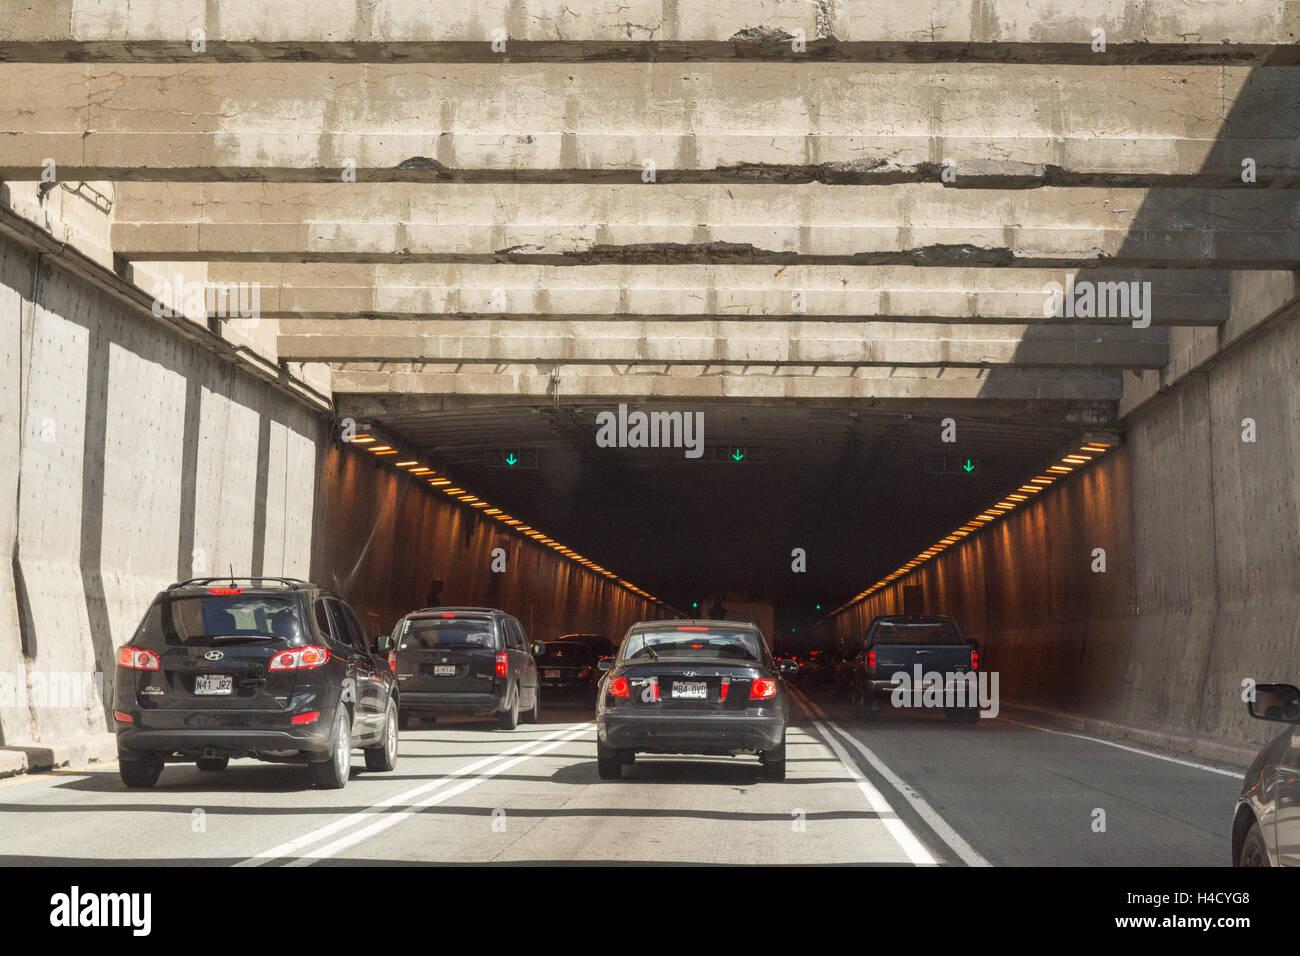 La Fontaine - Tunnel de voitures sur l'autoroute 25 qui passe sous le fleuve Saint-Laurent, Cap vers l'Est, Montréal, Banque D'Images